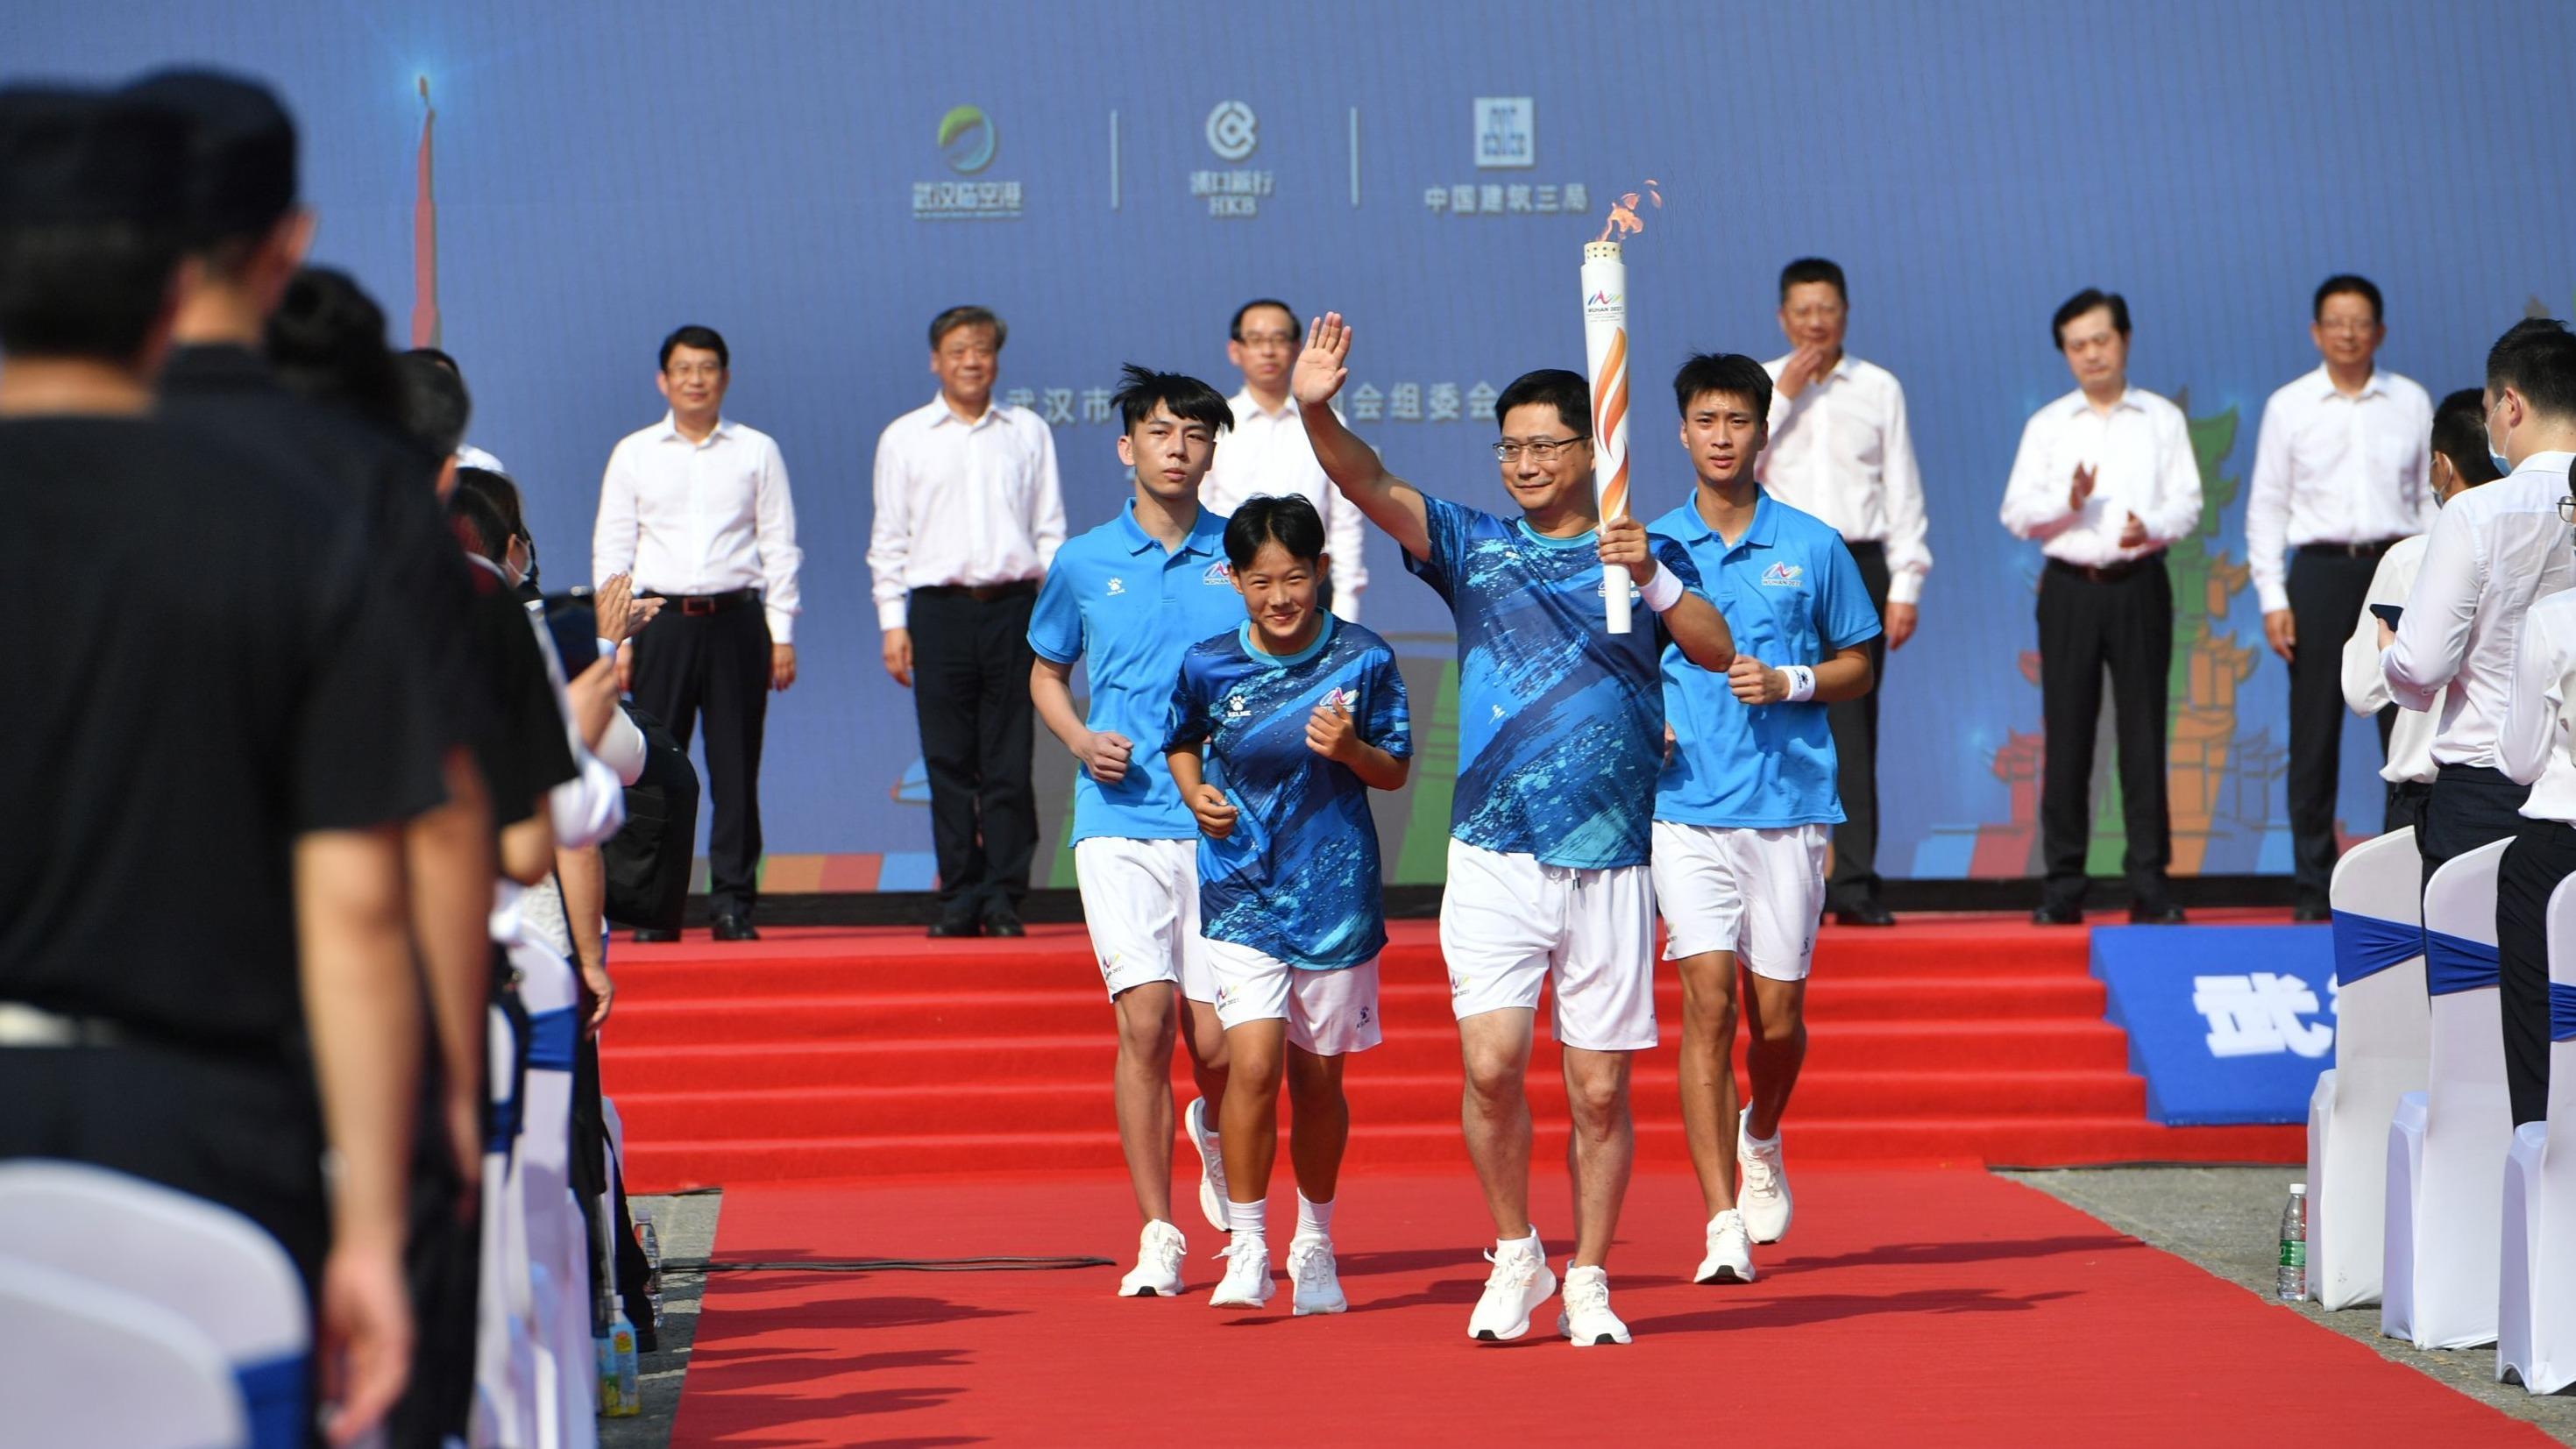 武汉市运动会火炬开始传递